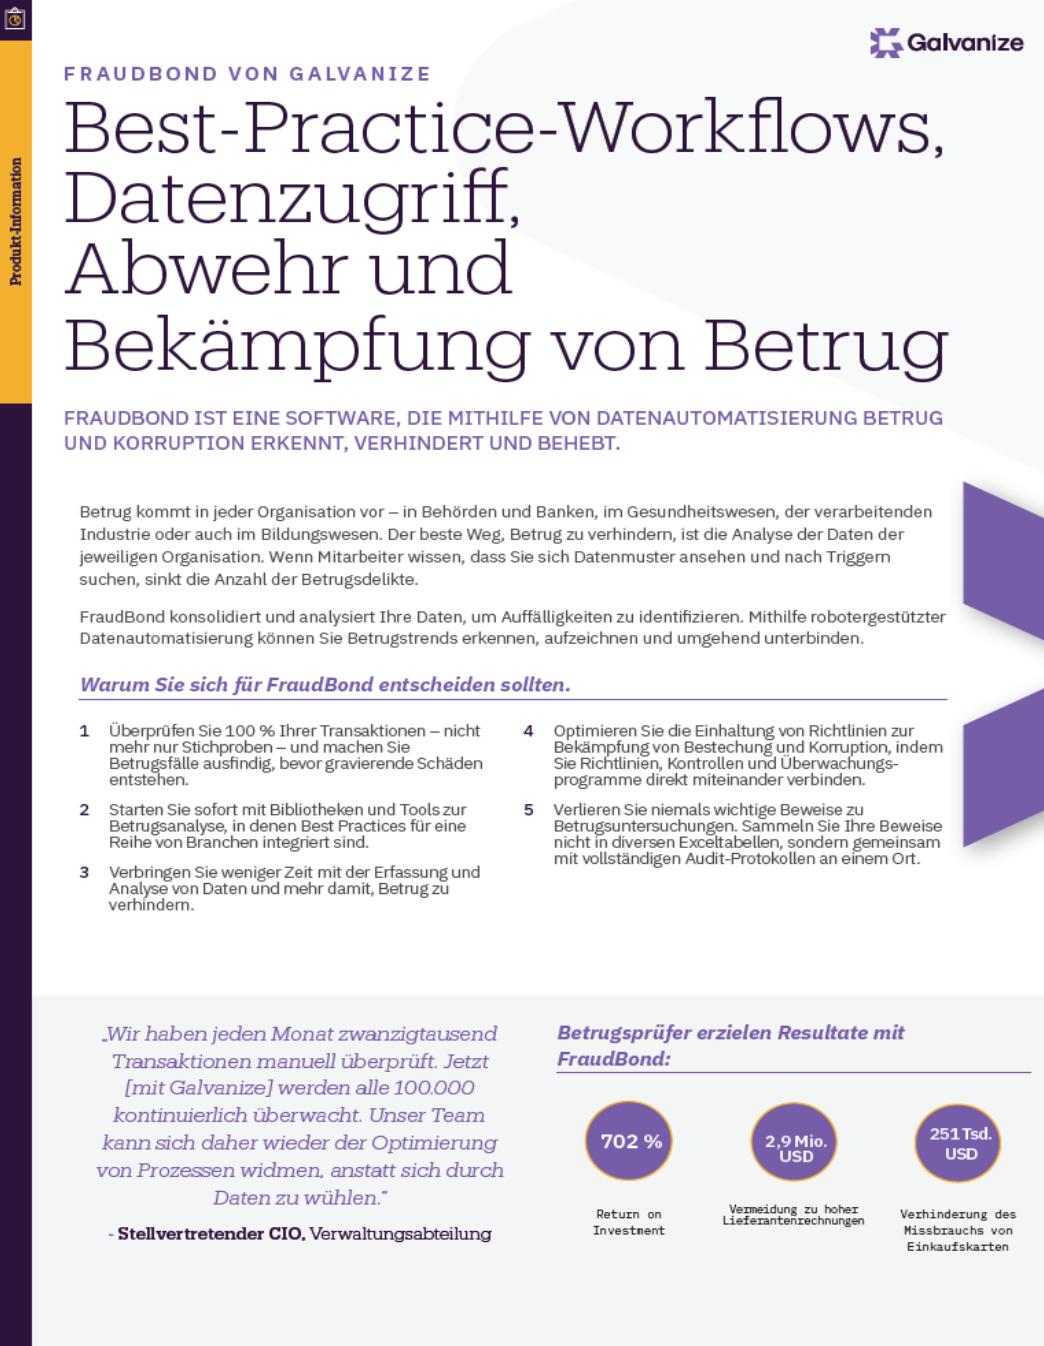 Best-Practice-Workflows, Datenzugriff, Abwehr und Bekämpfung von Betrug